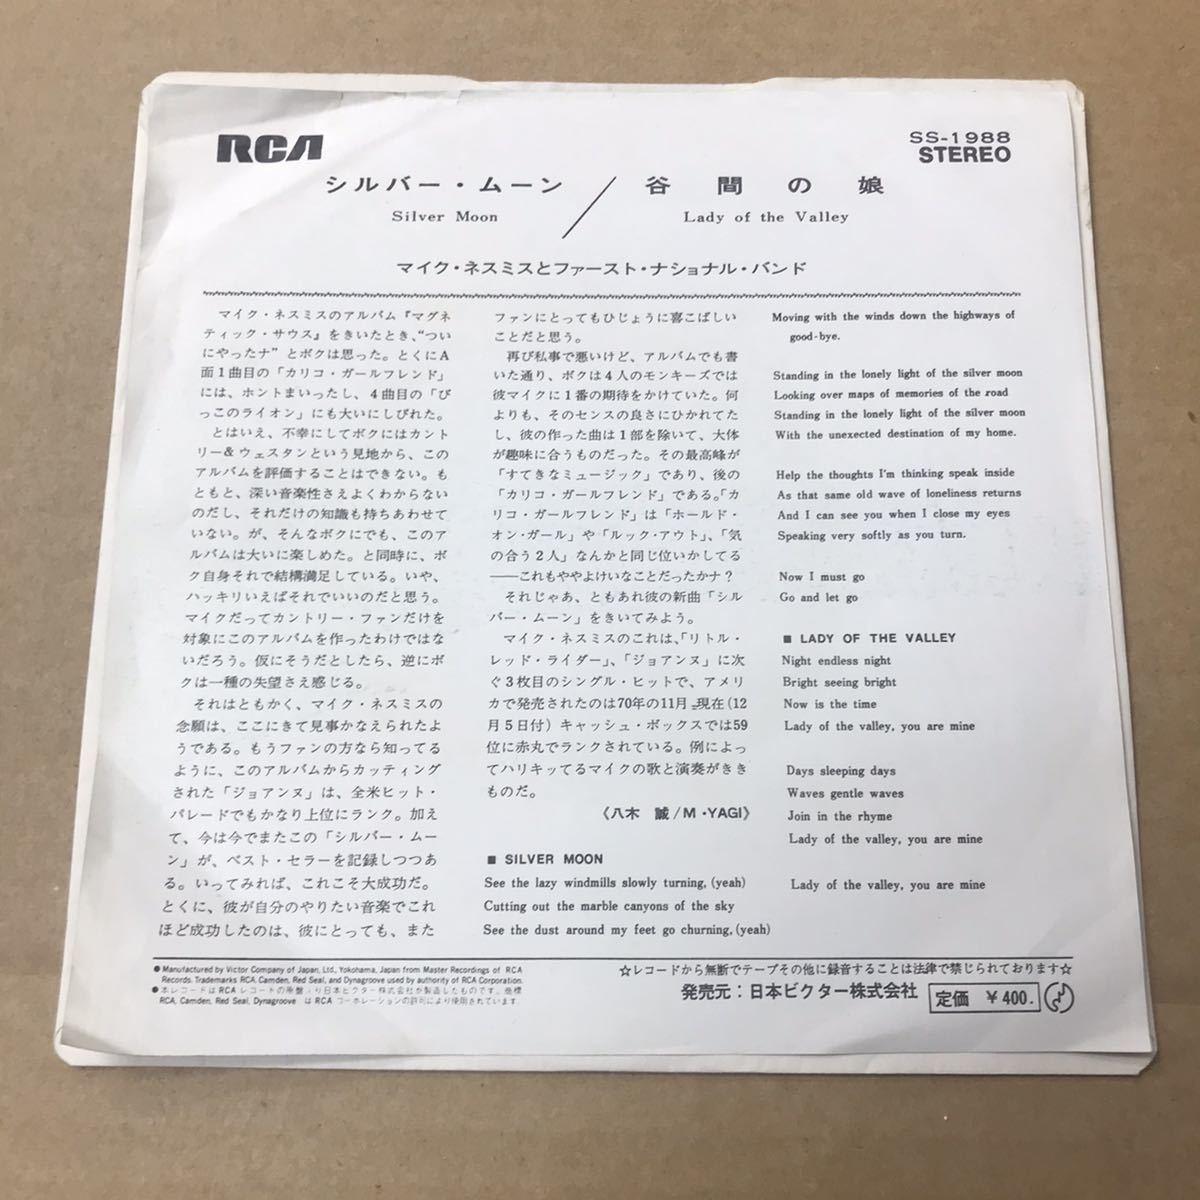 マイクネスミス 7インチ シルバームーン モンキーズ サンプル盤 Mike Nesmith Monkees PROMO_画像2